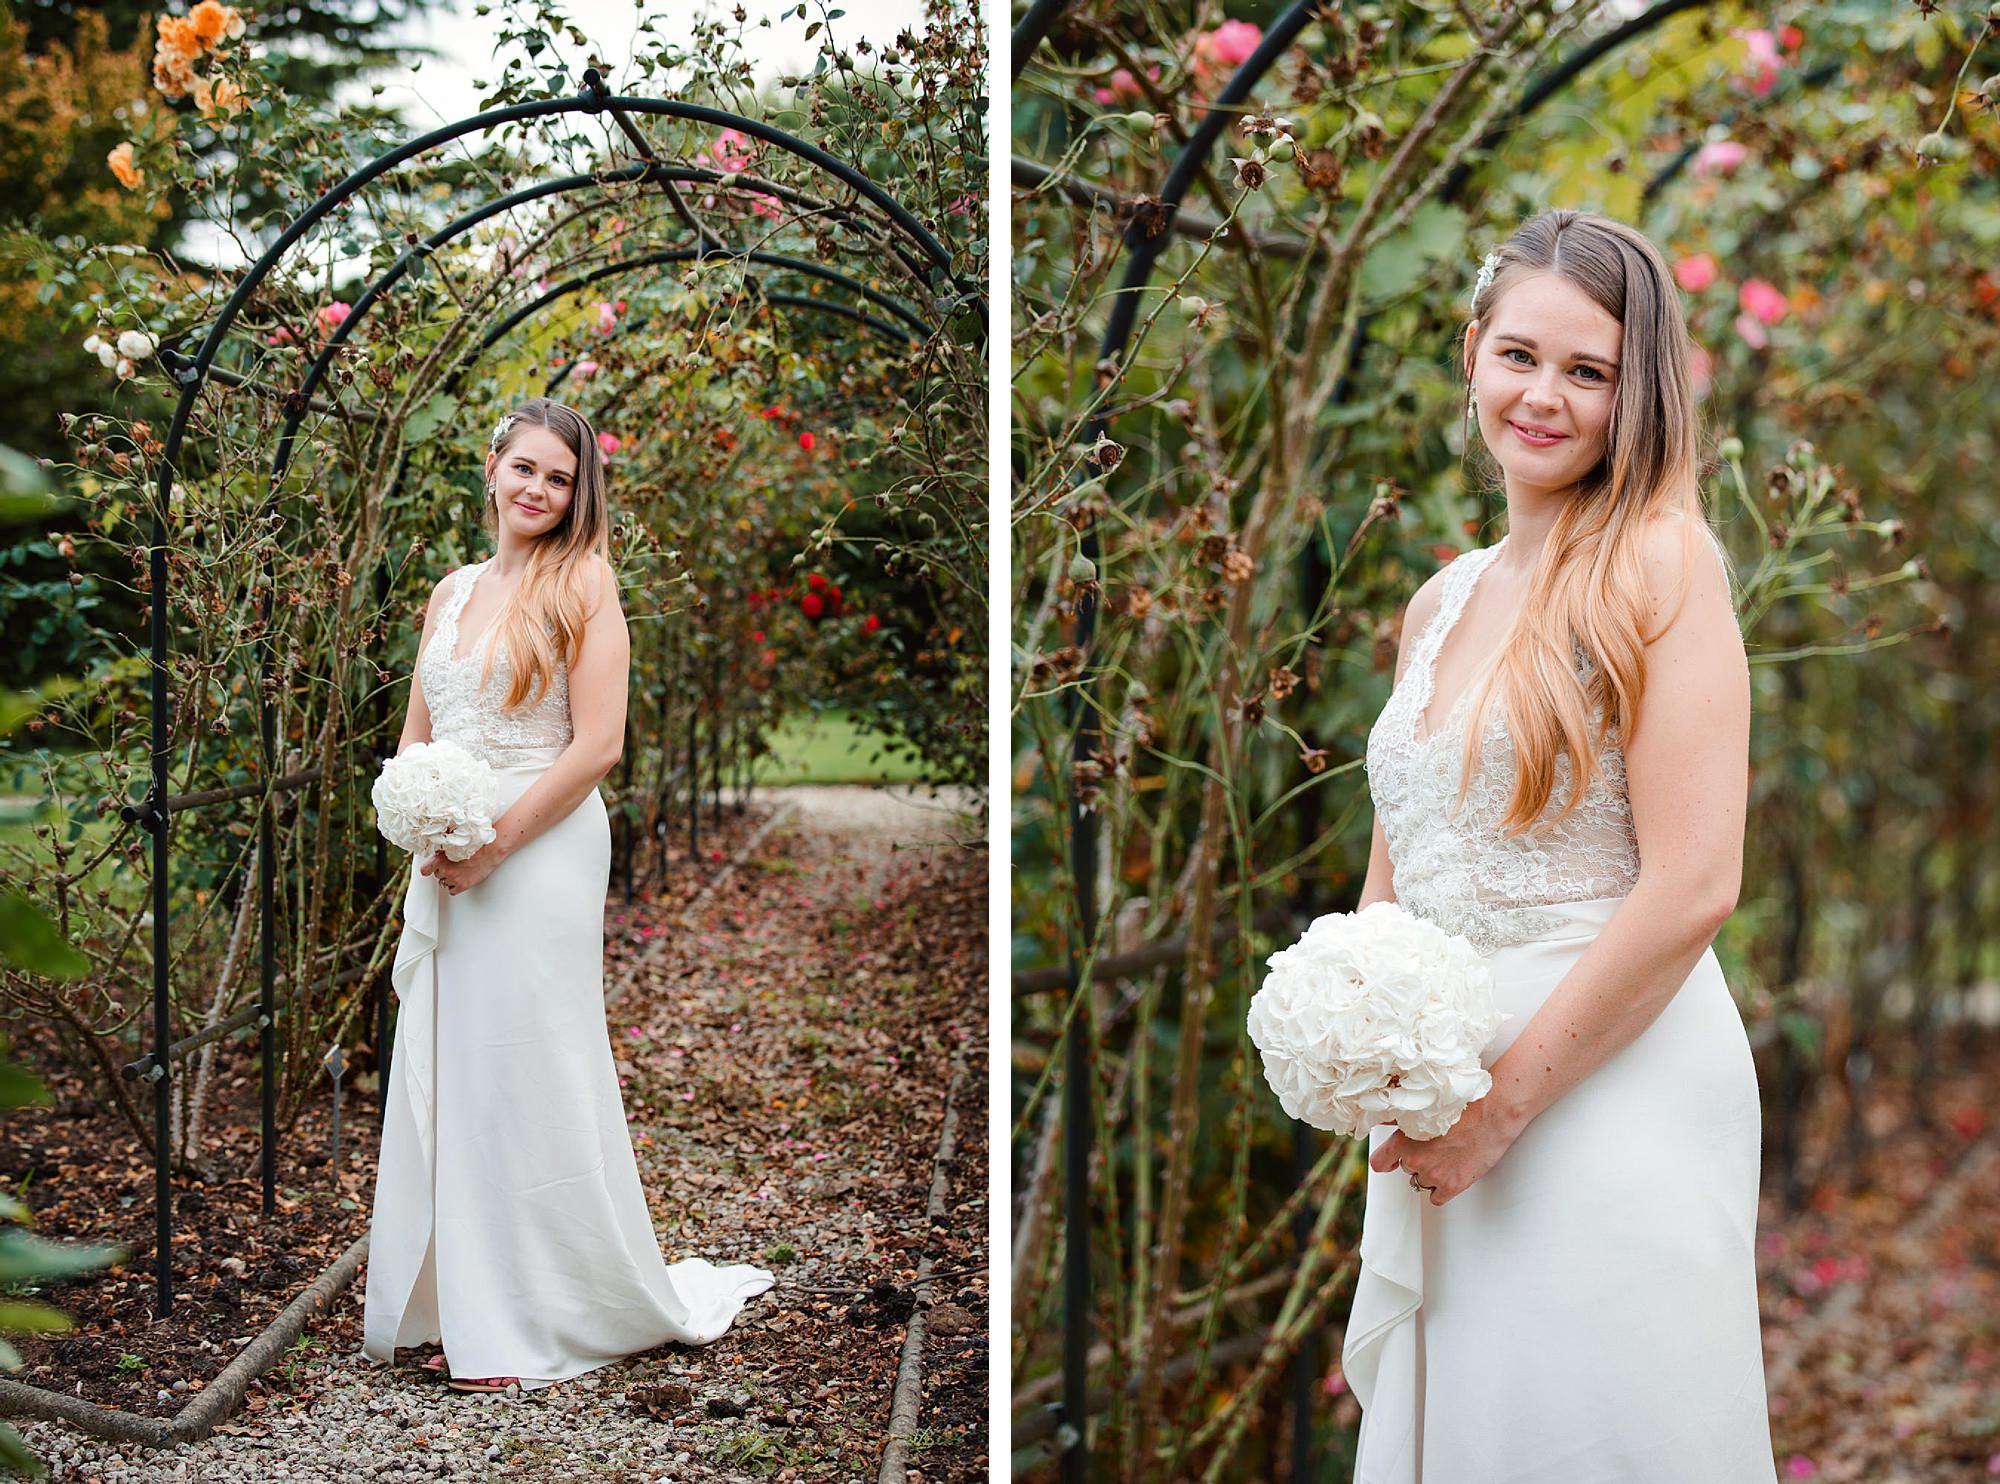 Writtle university college wedding portrait of bride in gardens